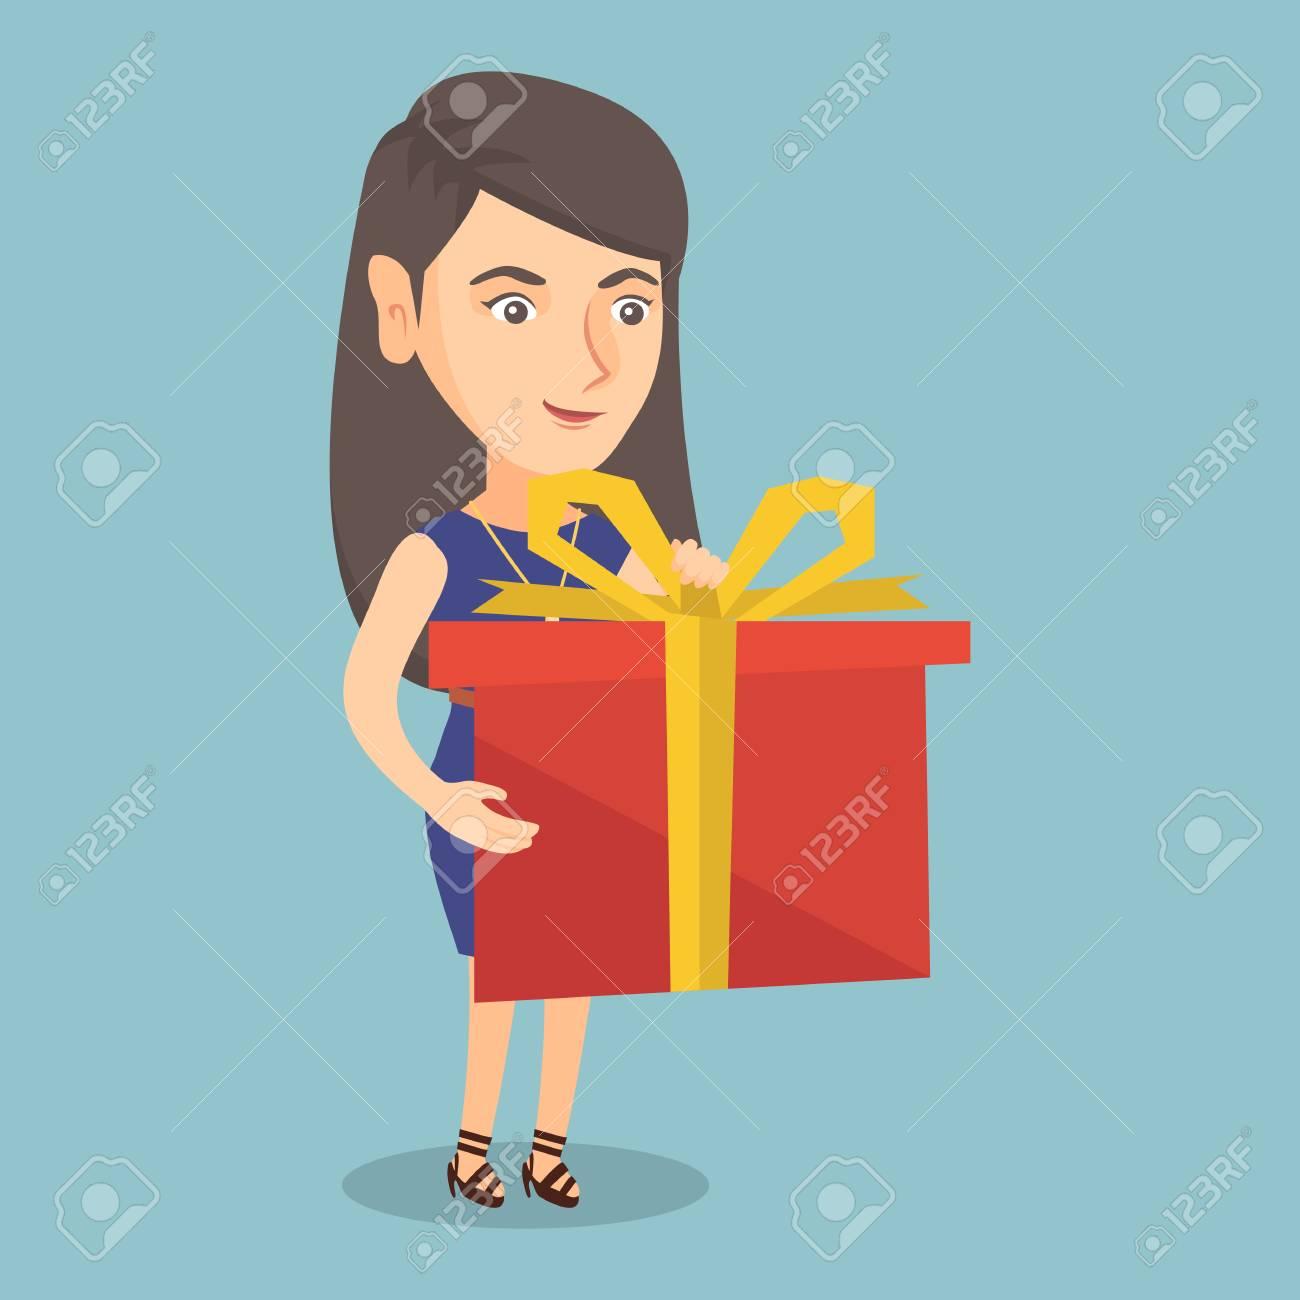 6126ddf76122 Sonriente mujer caucásica sosteniendo una caja con un regalo en las manos.  Longitud total de joven feliz con una caja de regalo. Mujer comprando un ...